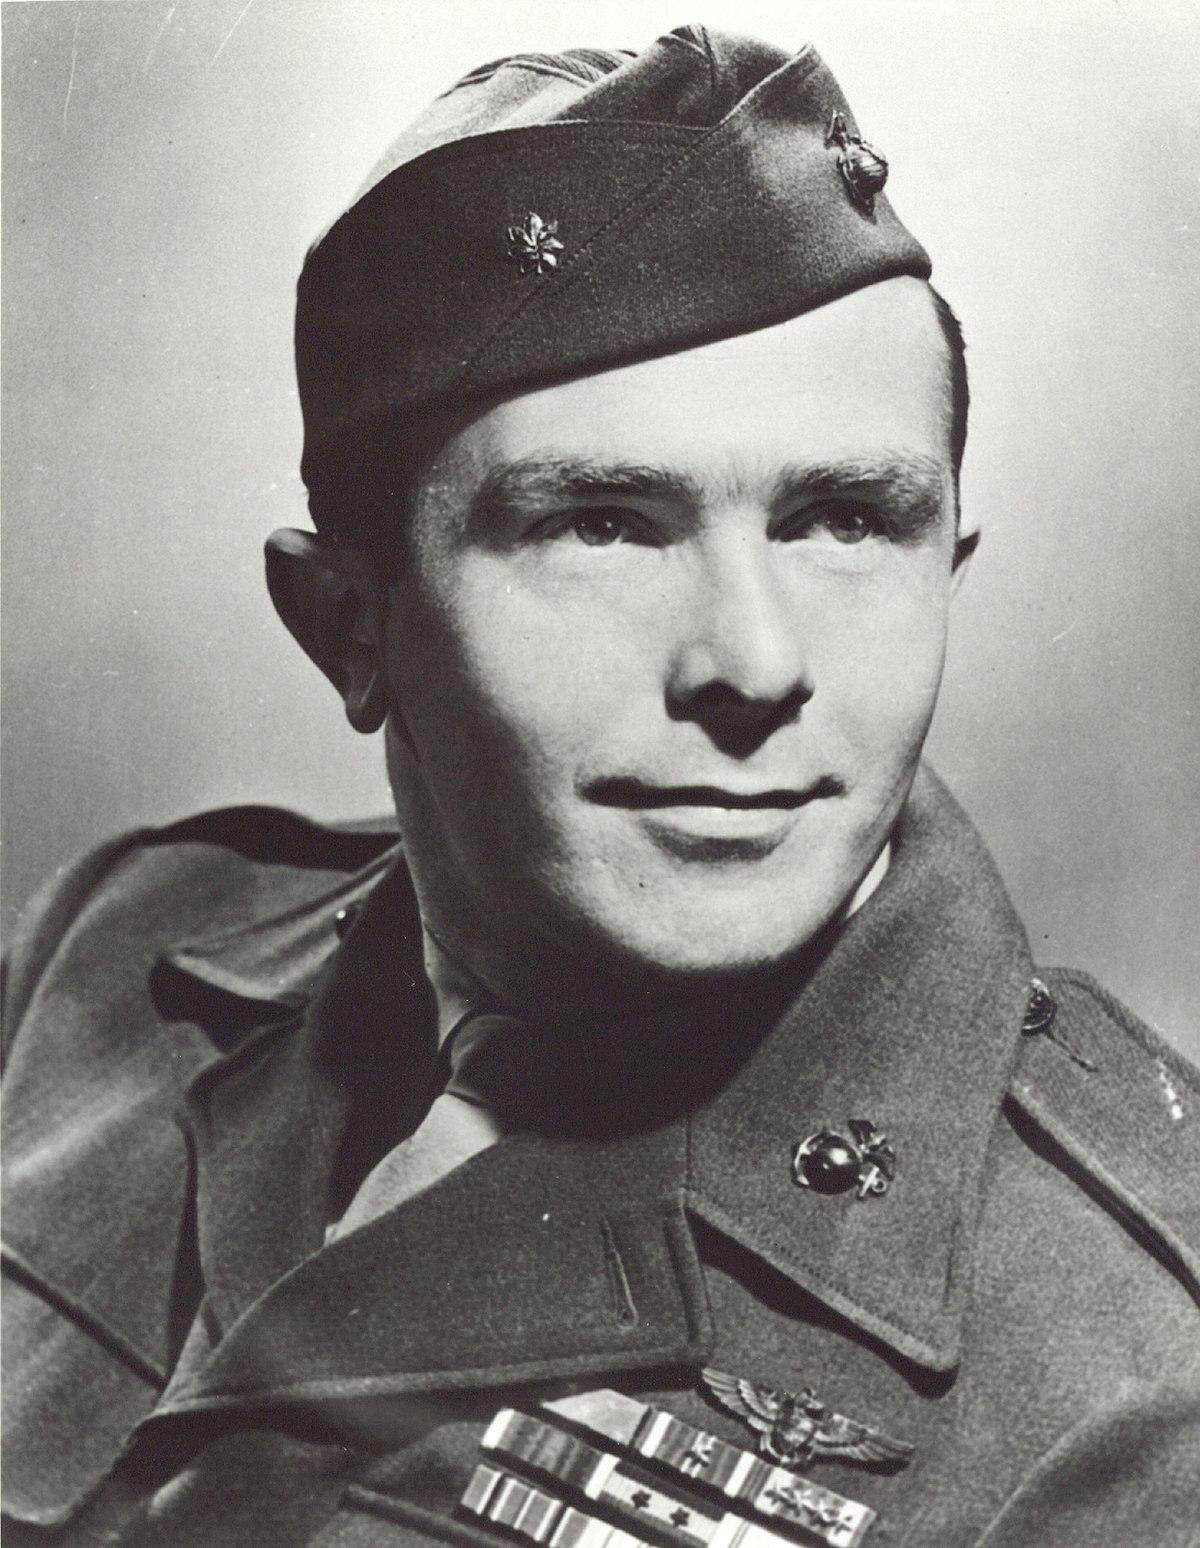 James E. Swett - Wikipedia